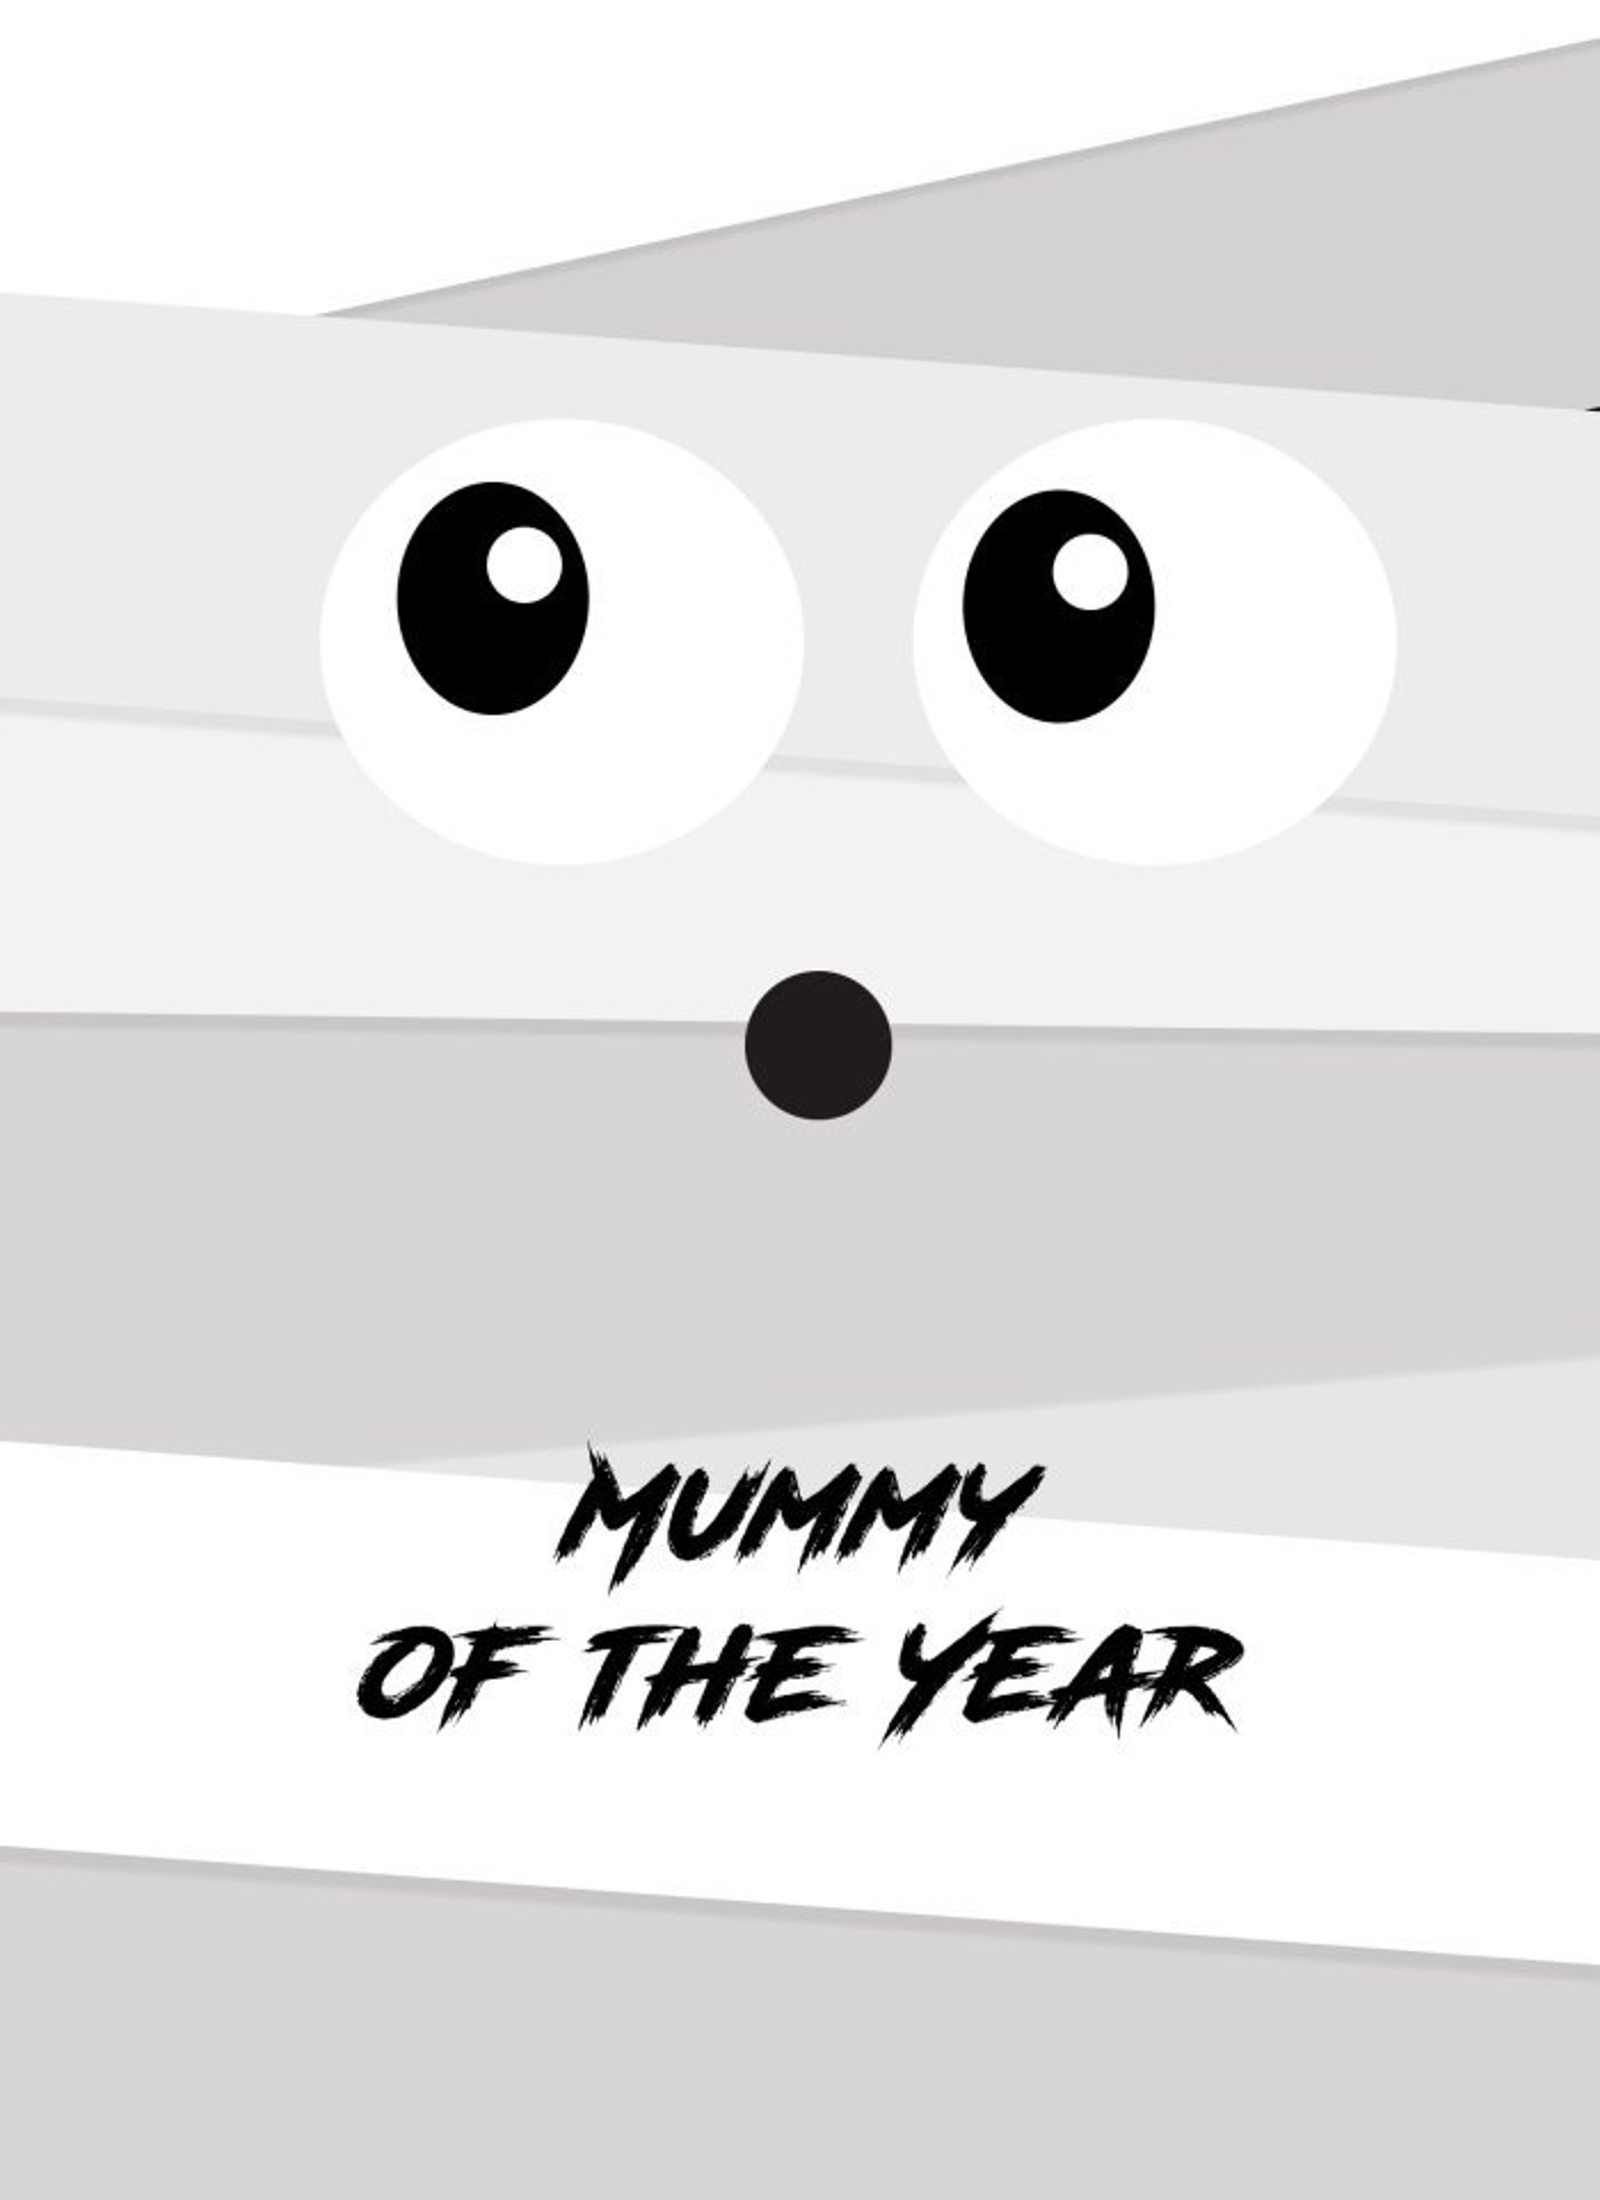 mummy halloween